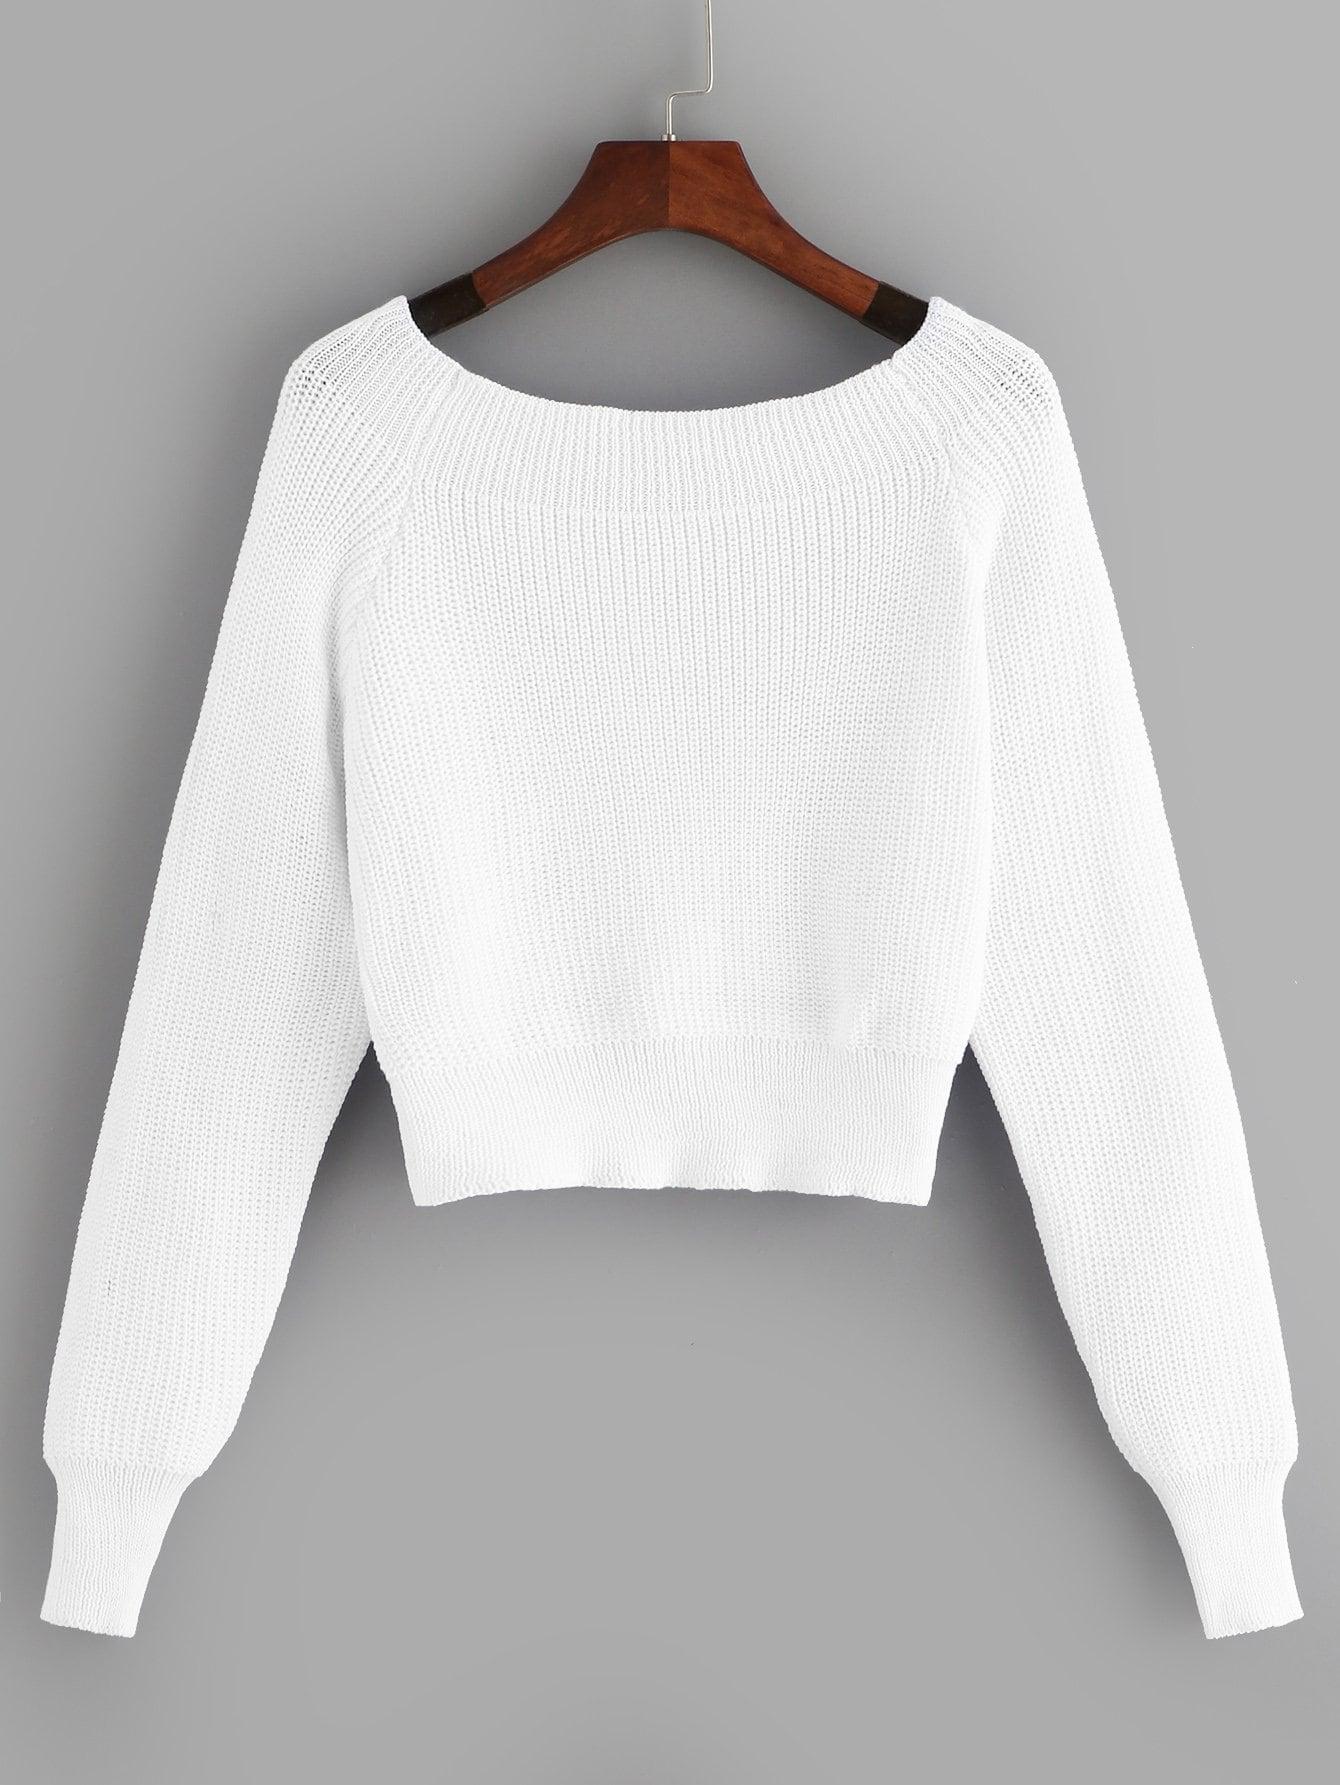 Фото - Одноцветный свитер с открытыми плечами от SheIn белого цвета